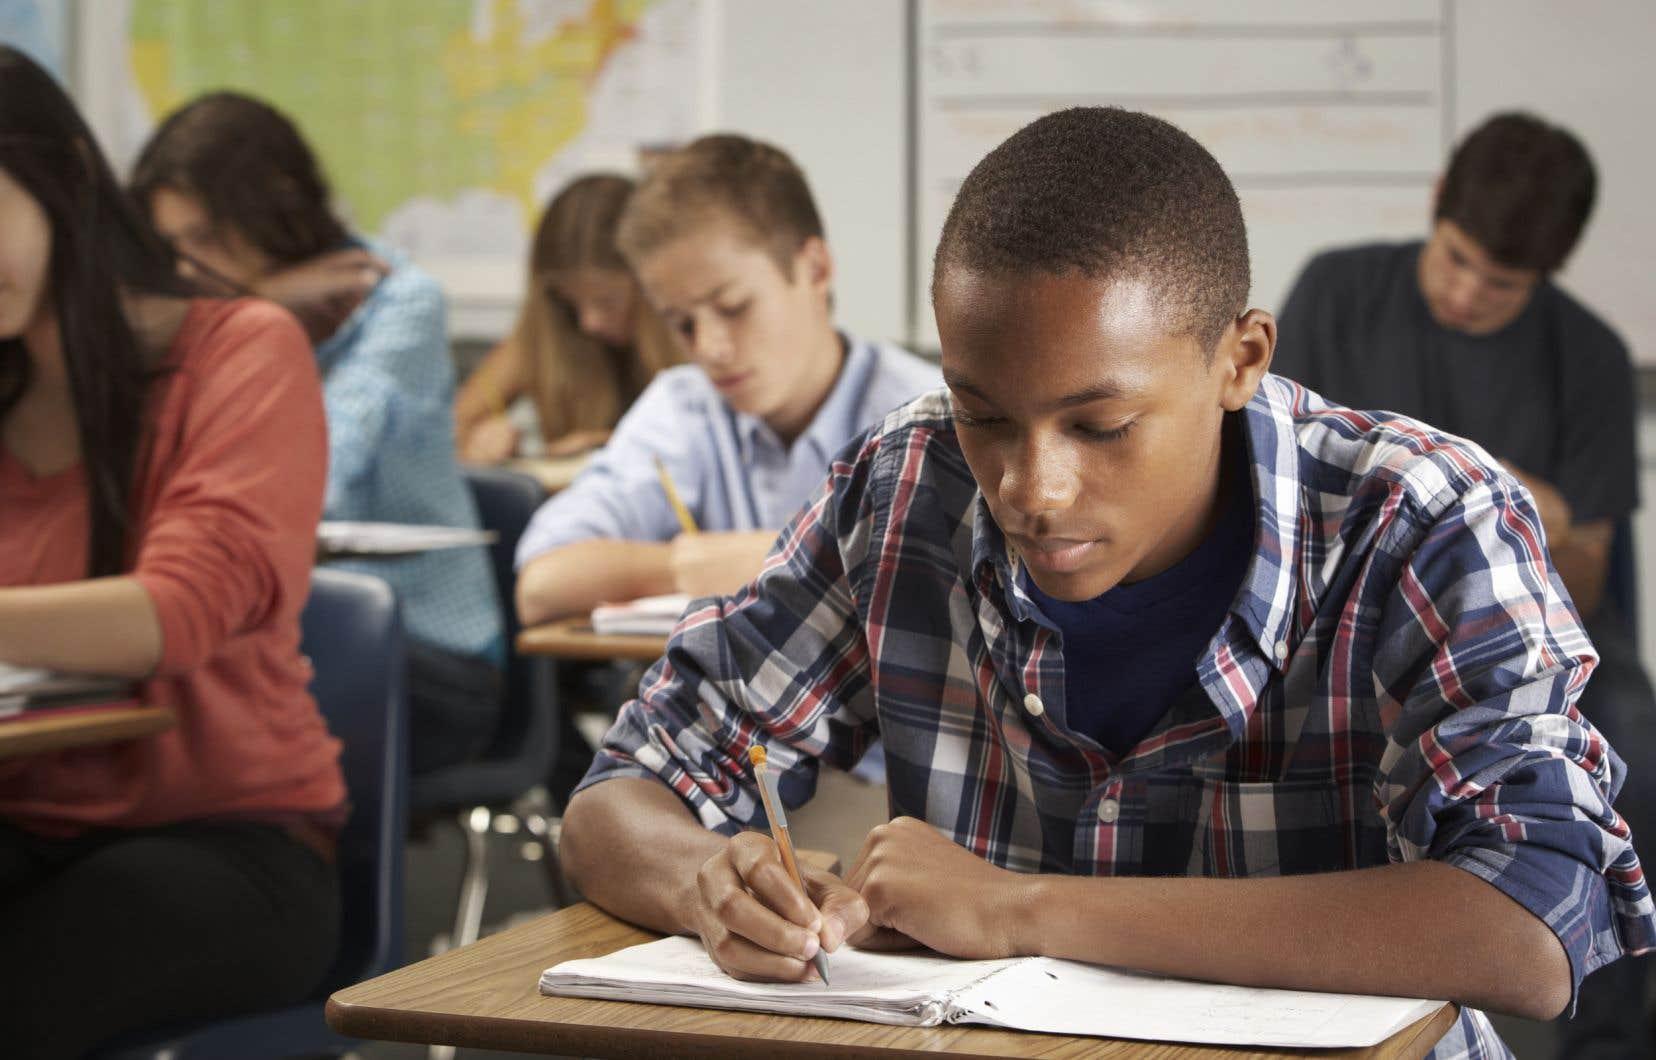 «Il y a lieu de se demander si la formation que reçoivent les enseignants québécois les prépare adéquatement à offrir des cours désormais plus substantiels,» avance l'auteur.